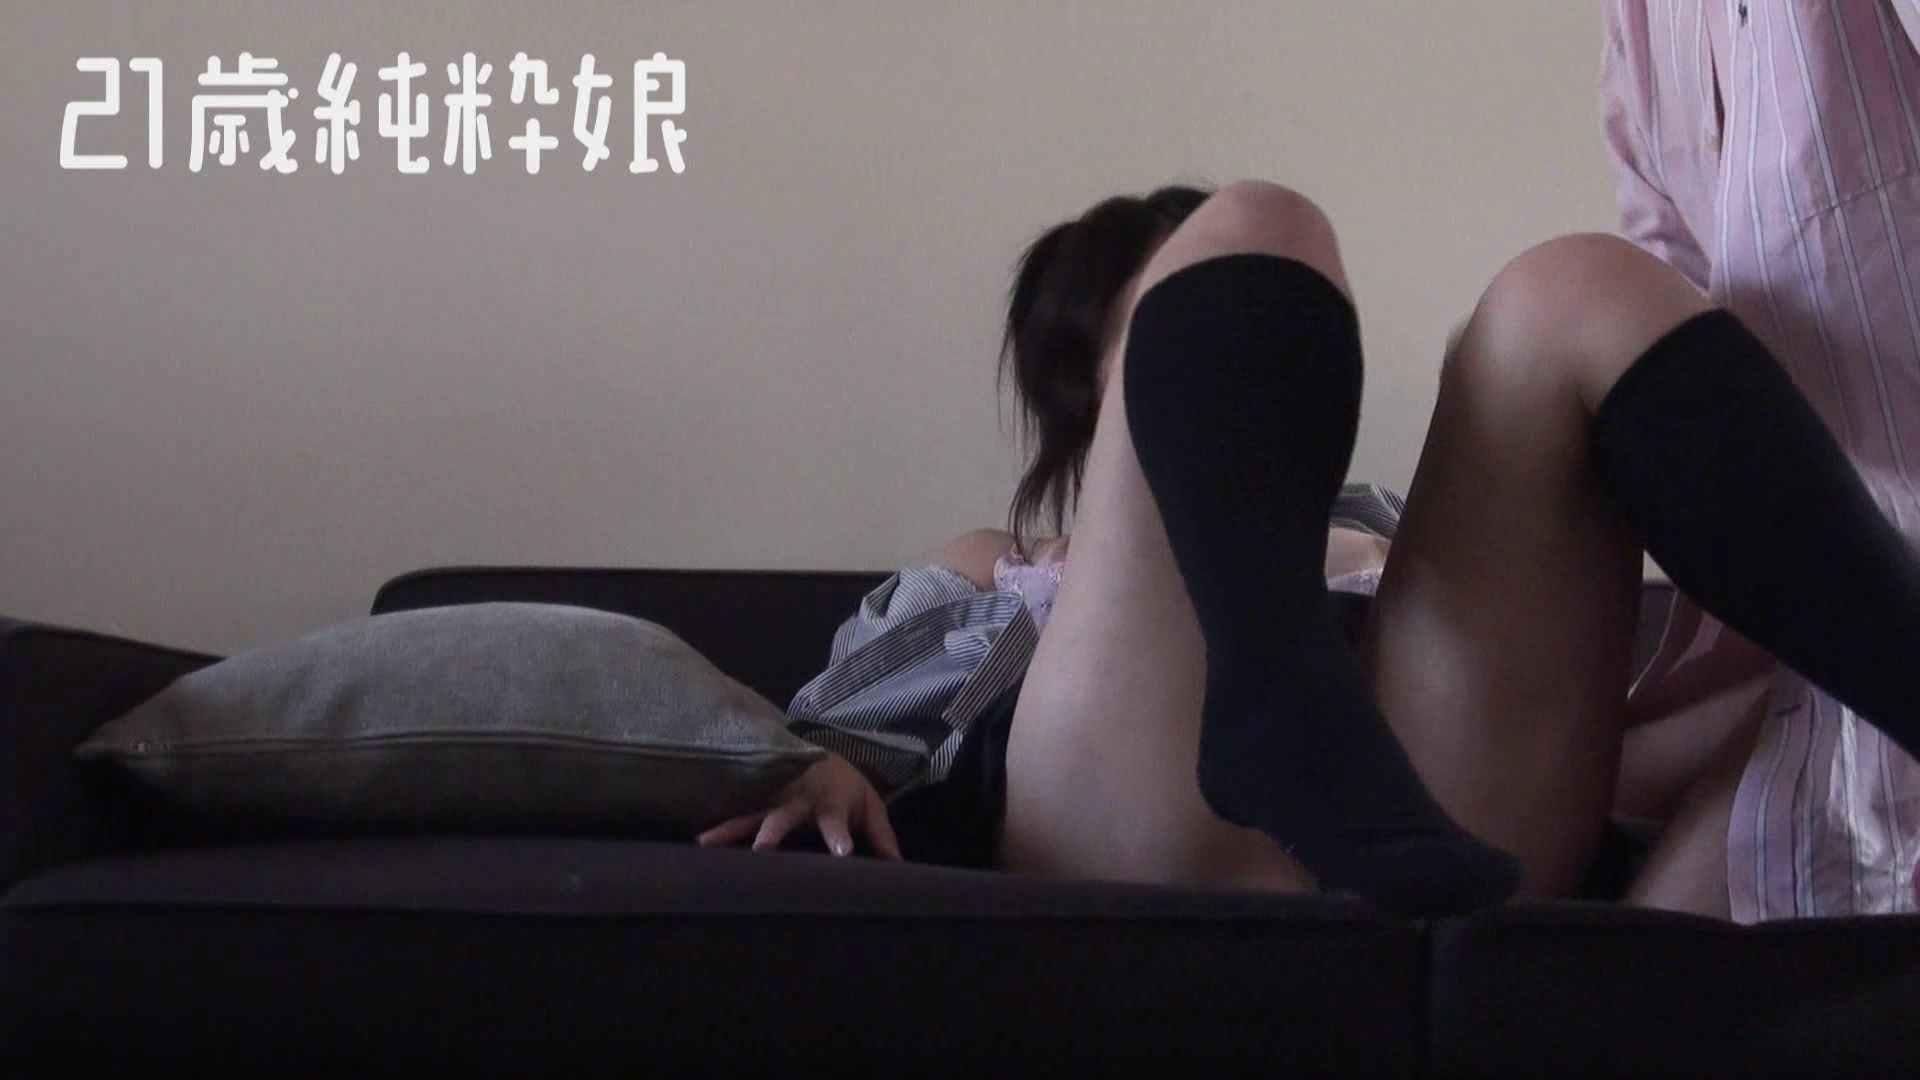 上京したばかりのGカップ21歳純粋嬢を都合の良い女にしてみた3 一般投稿 | オナニー特集  54画像 18